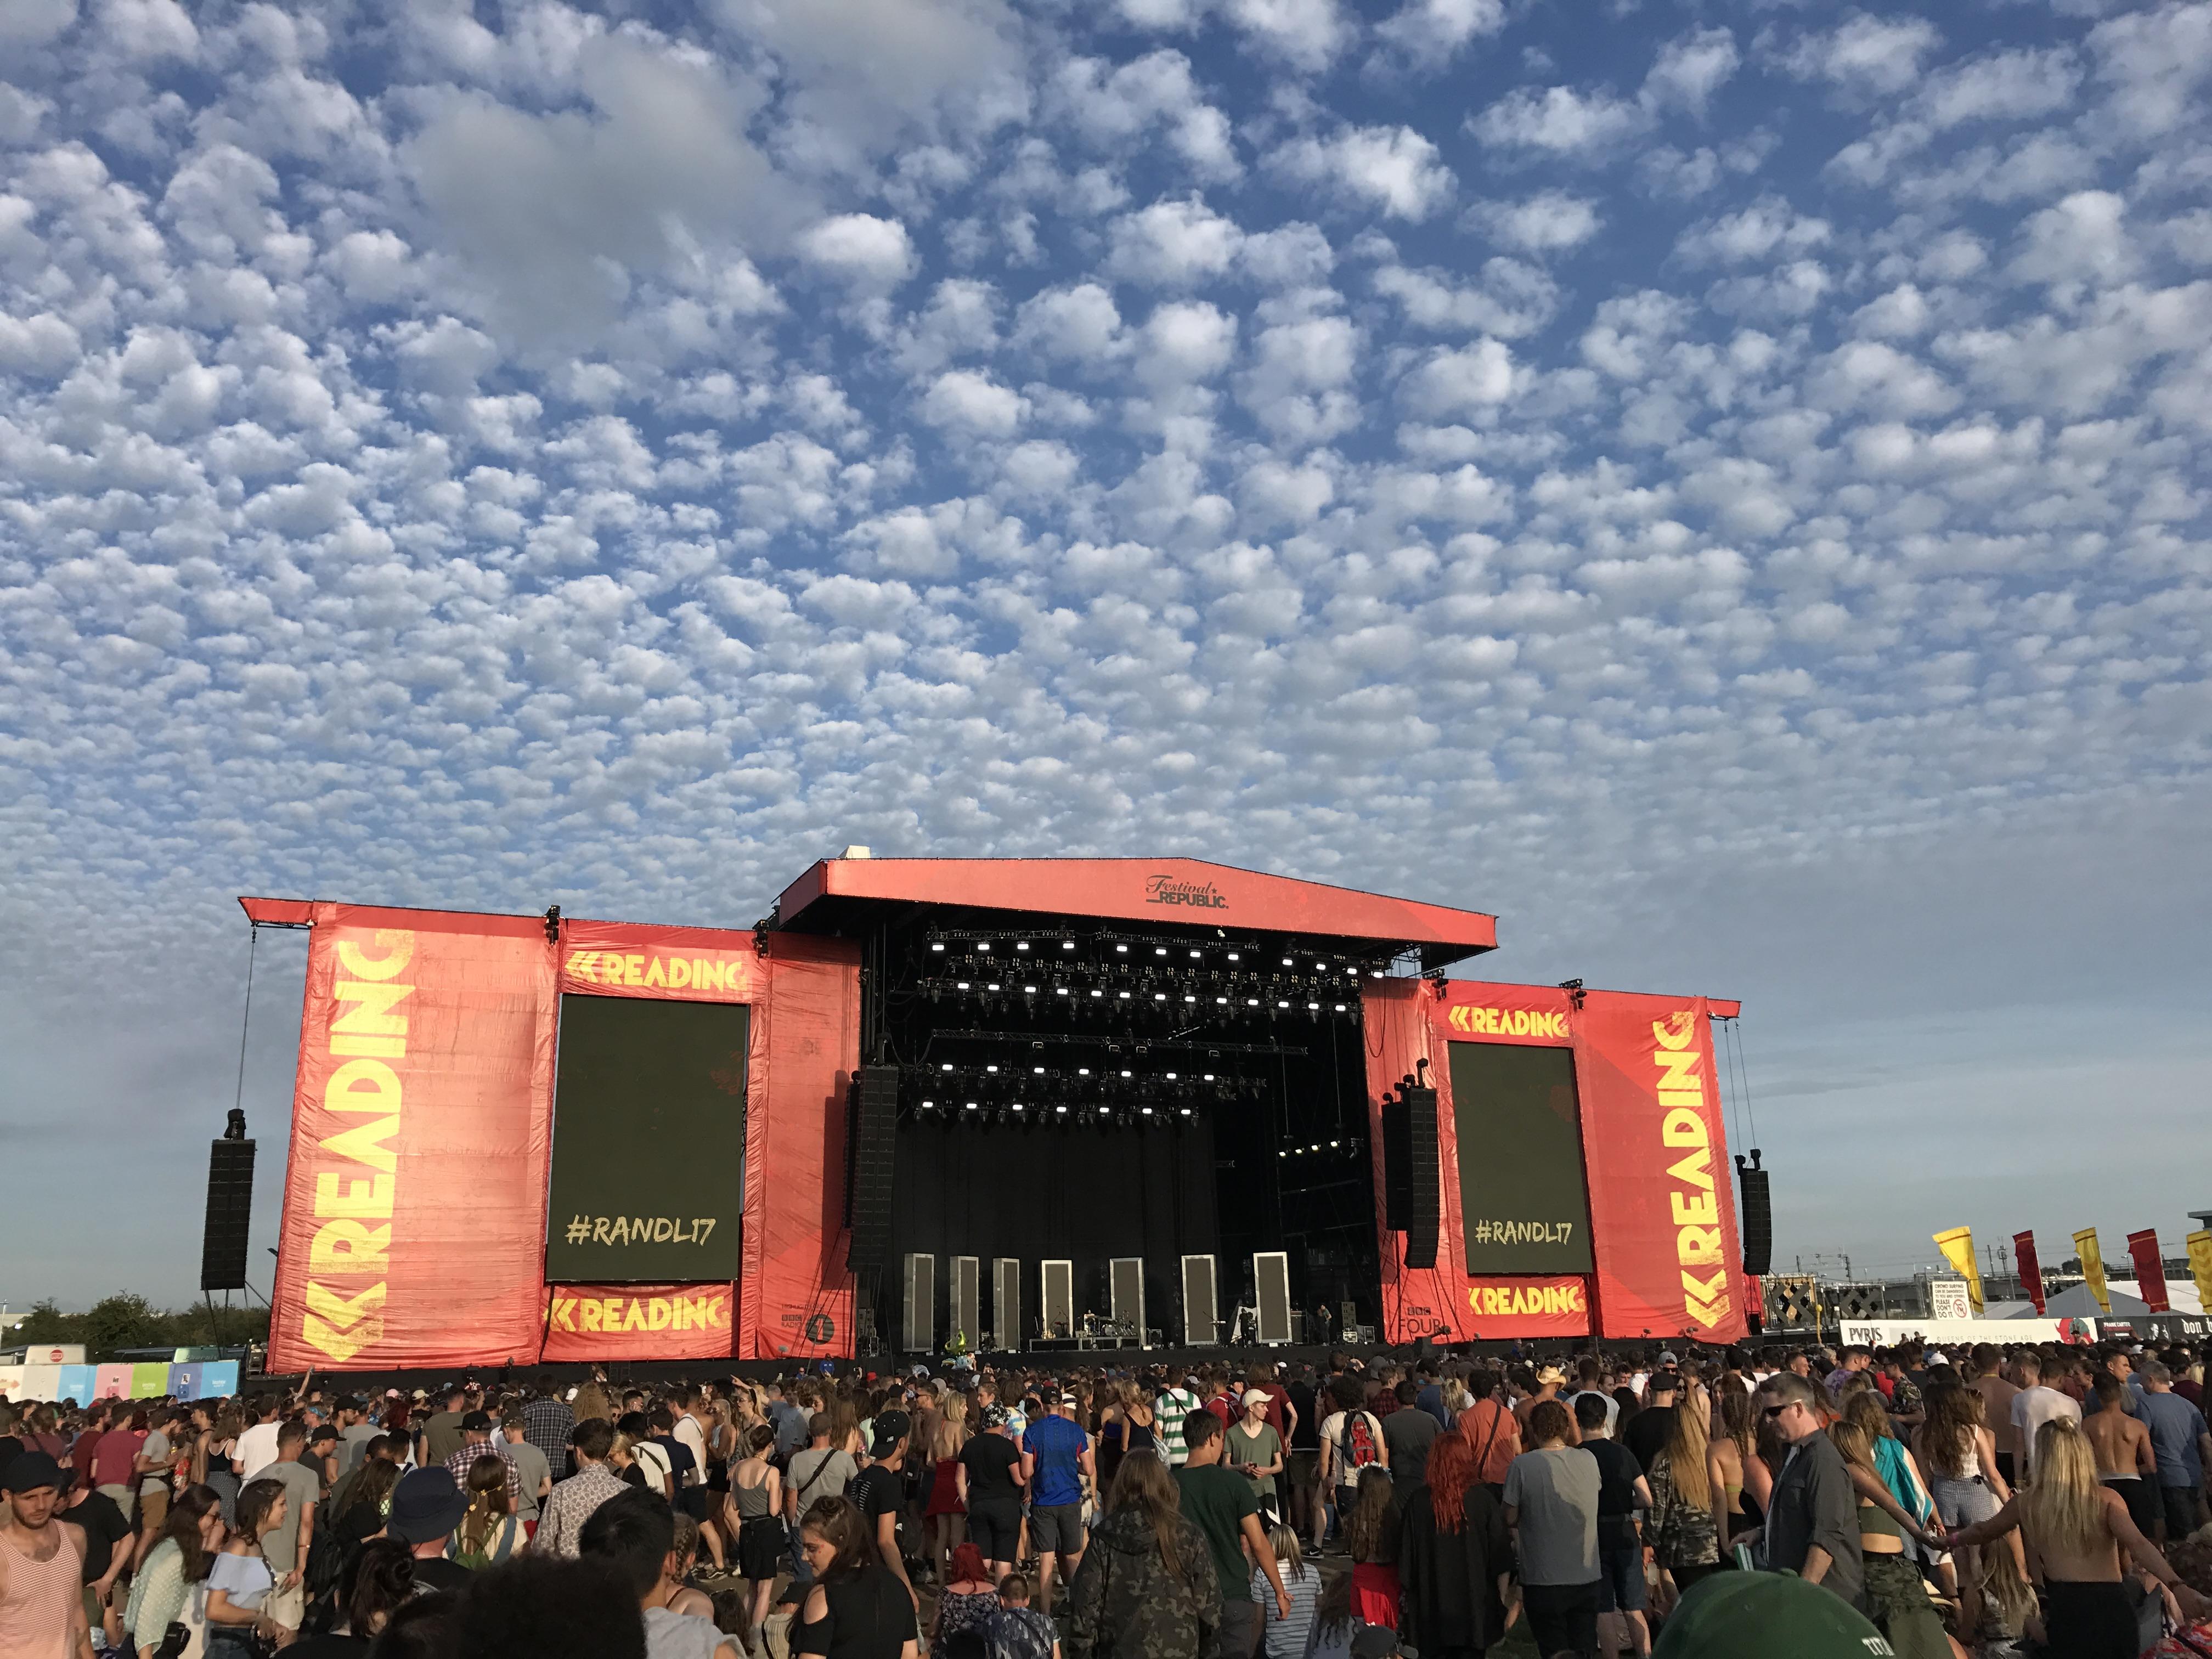 [Эксклюзив Eminem.Pro] Специальный репортаж с концерта Эминема 26 августа на Reading Festival 2017. Во всех подробностях